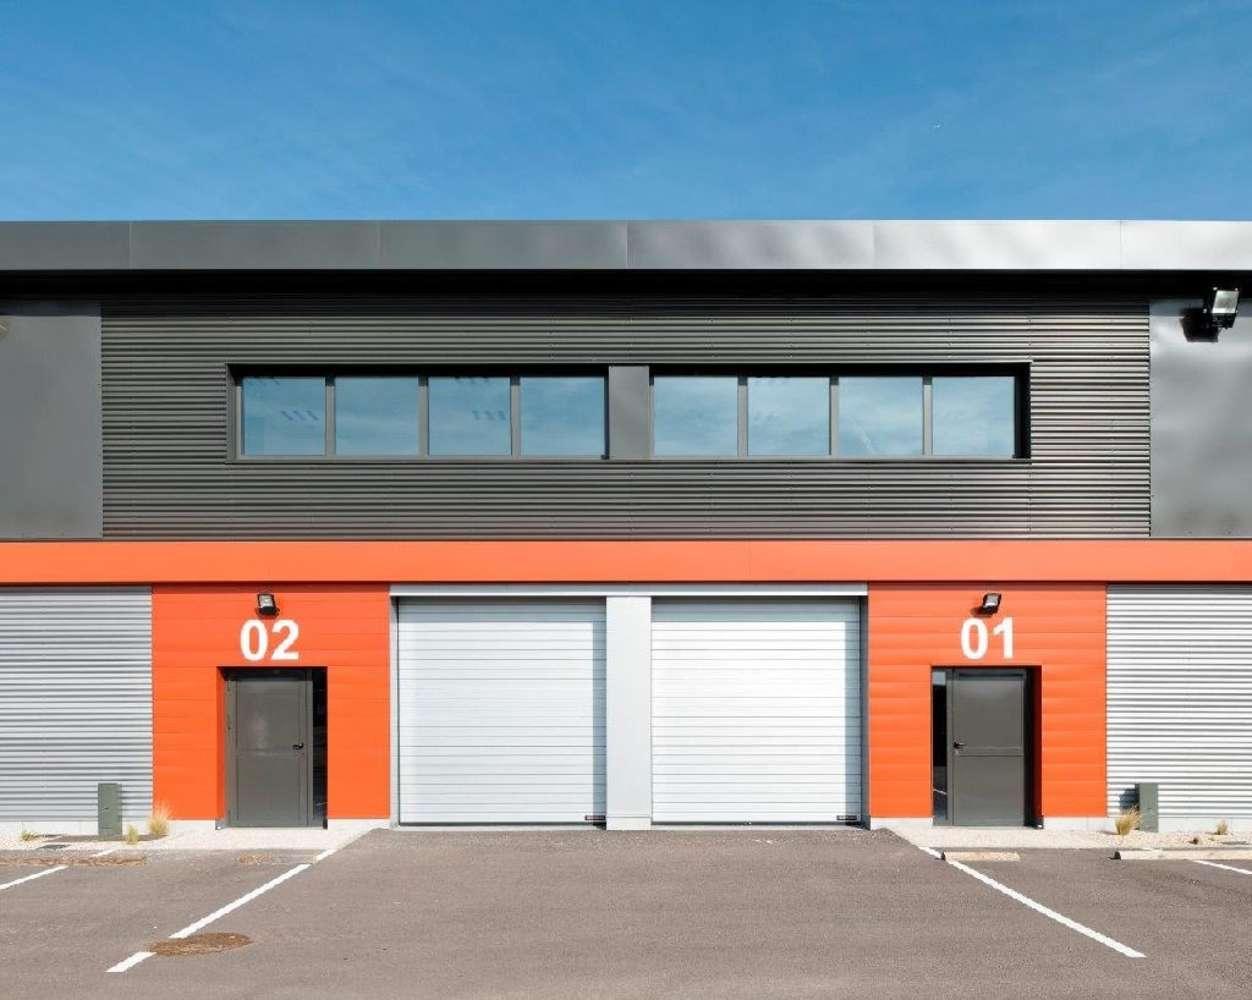 Activités/entrepôt Mennecy, 91540 - IDEA PARK - 9510520